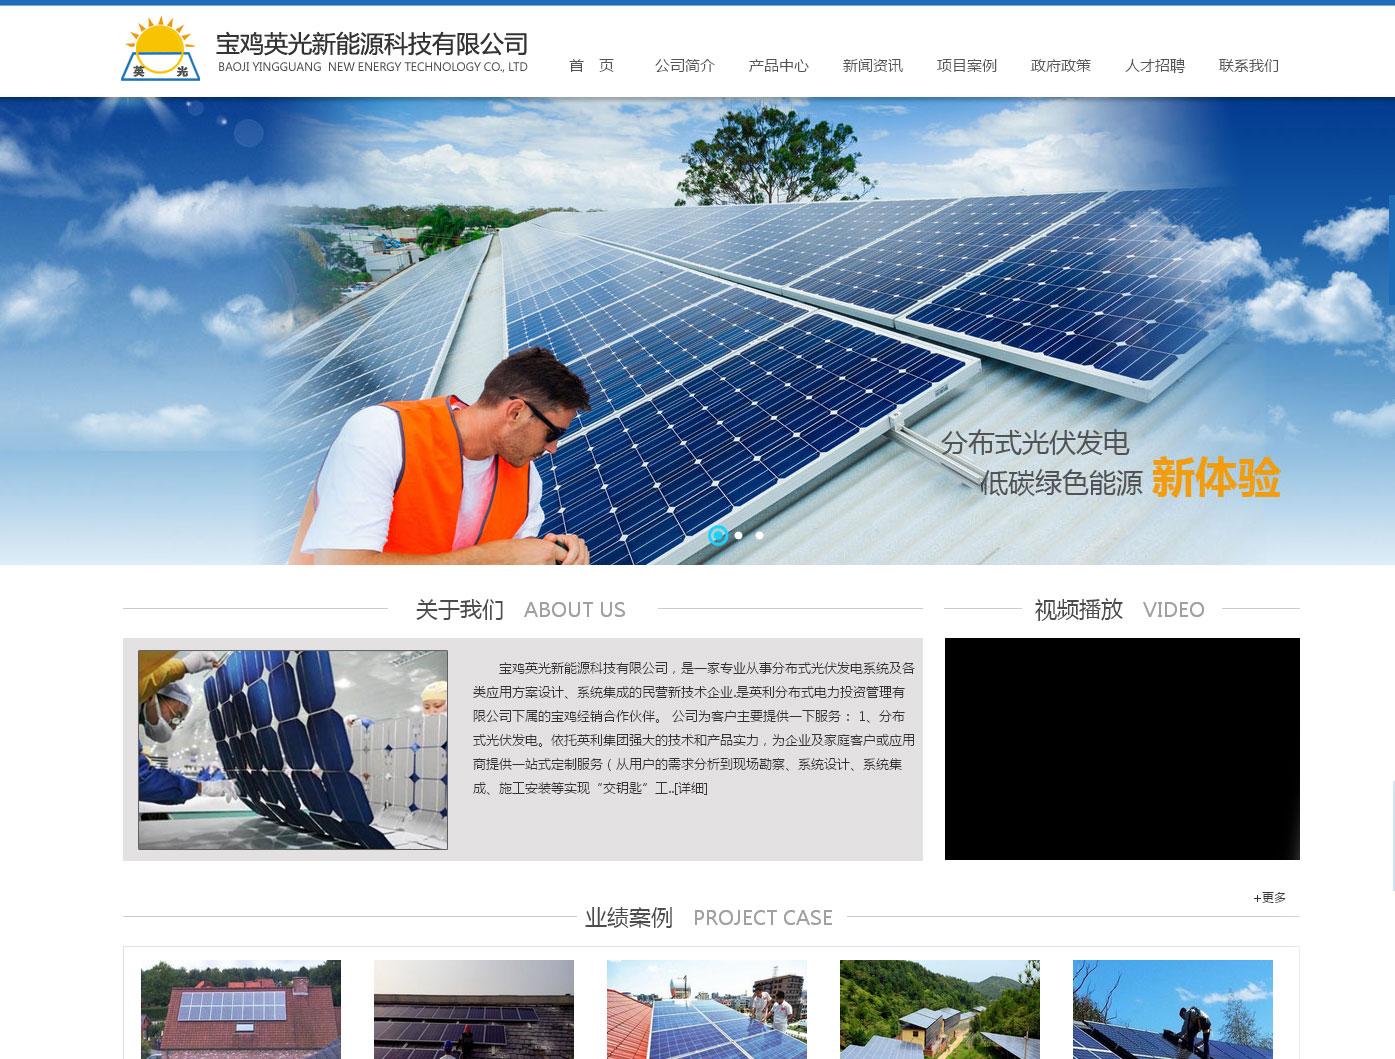 宝鸡英光新能源科技有限公司